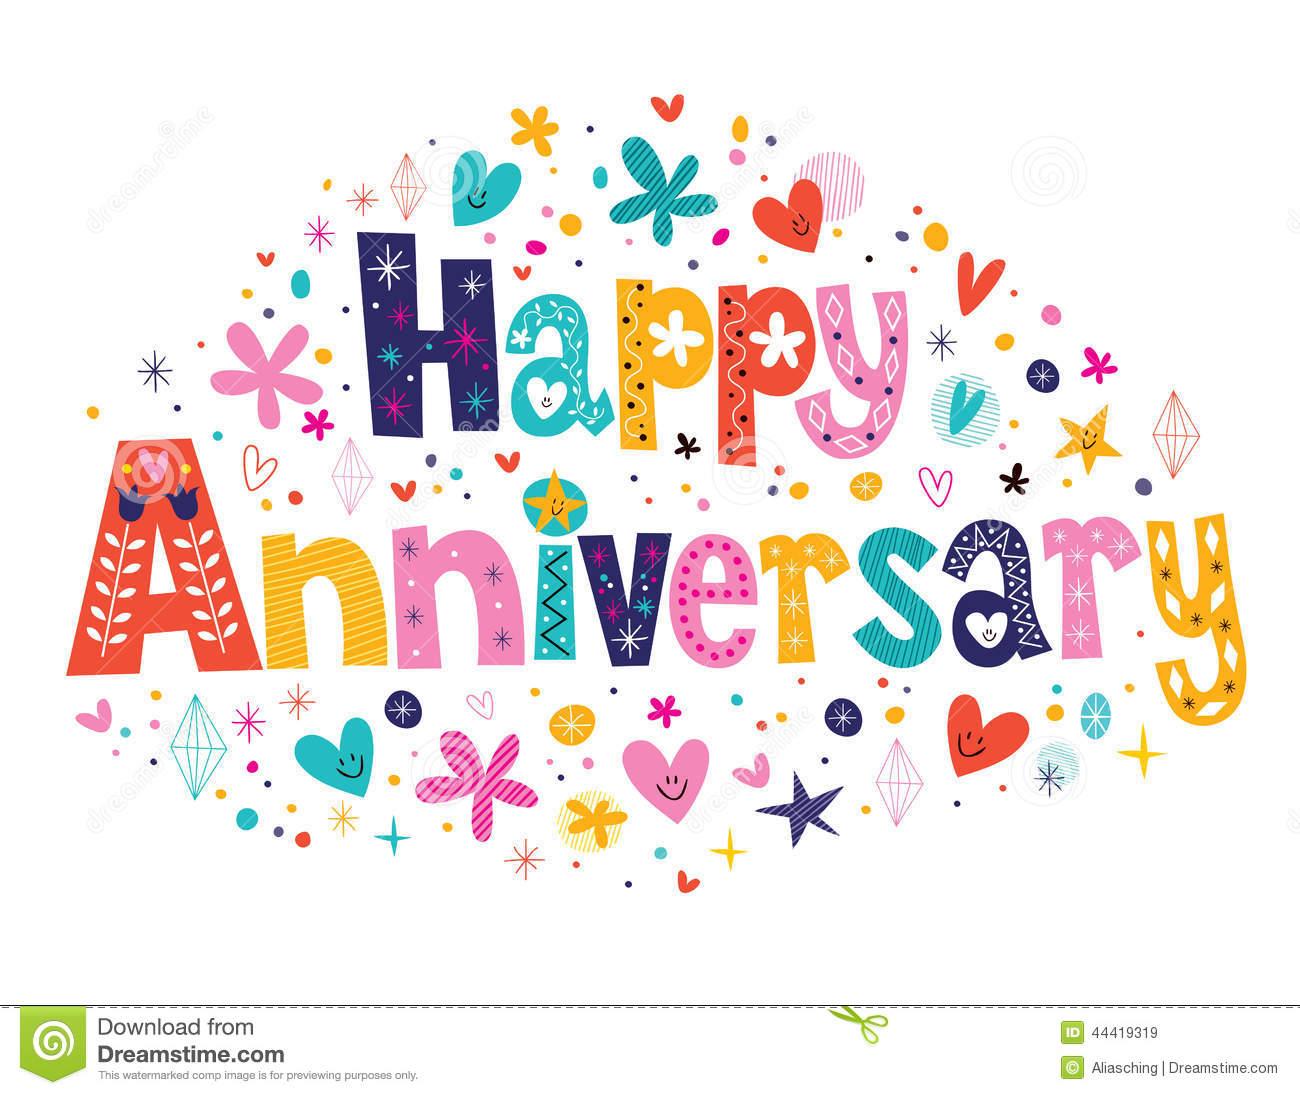 Happy anniversary clip art 4. f8f049c92d3874632d3e964ed48bf4 .